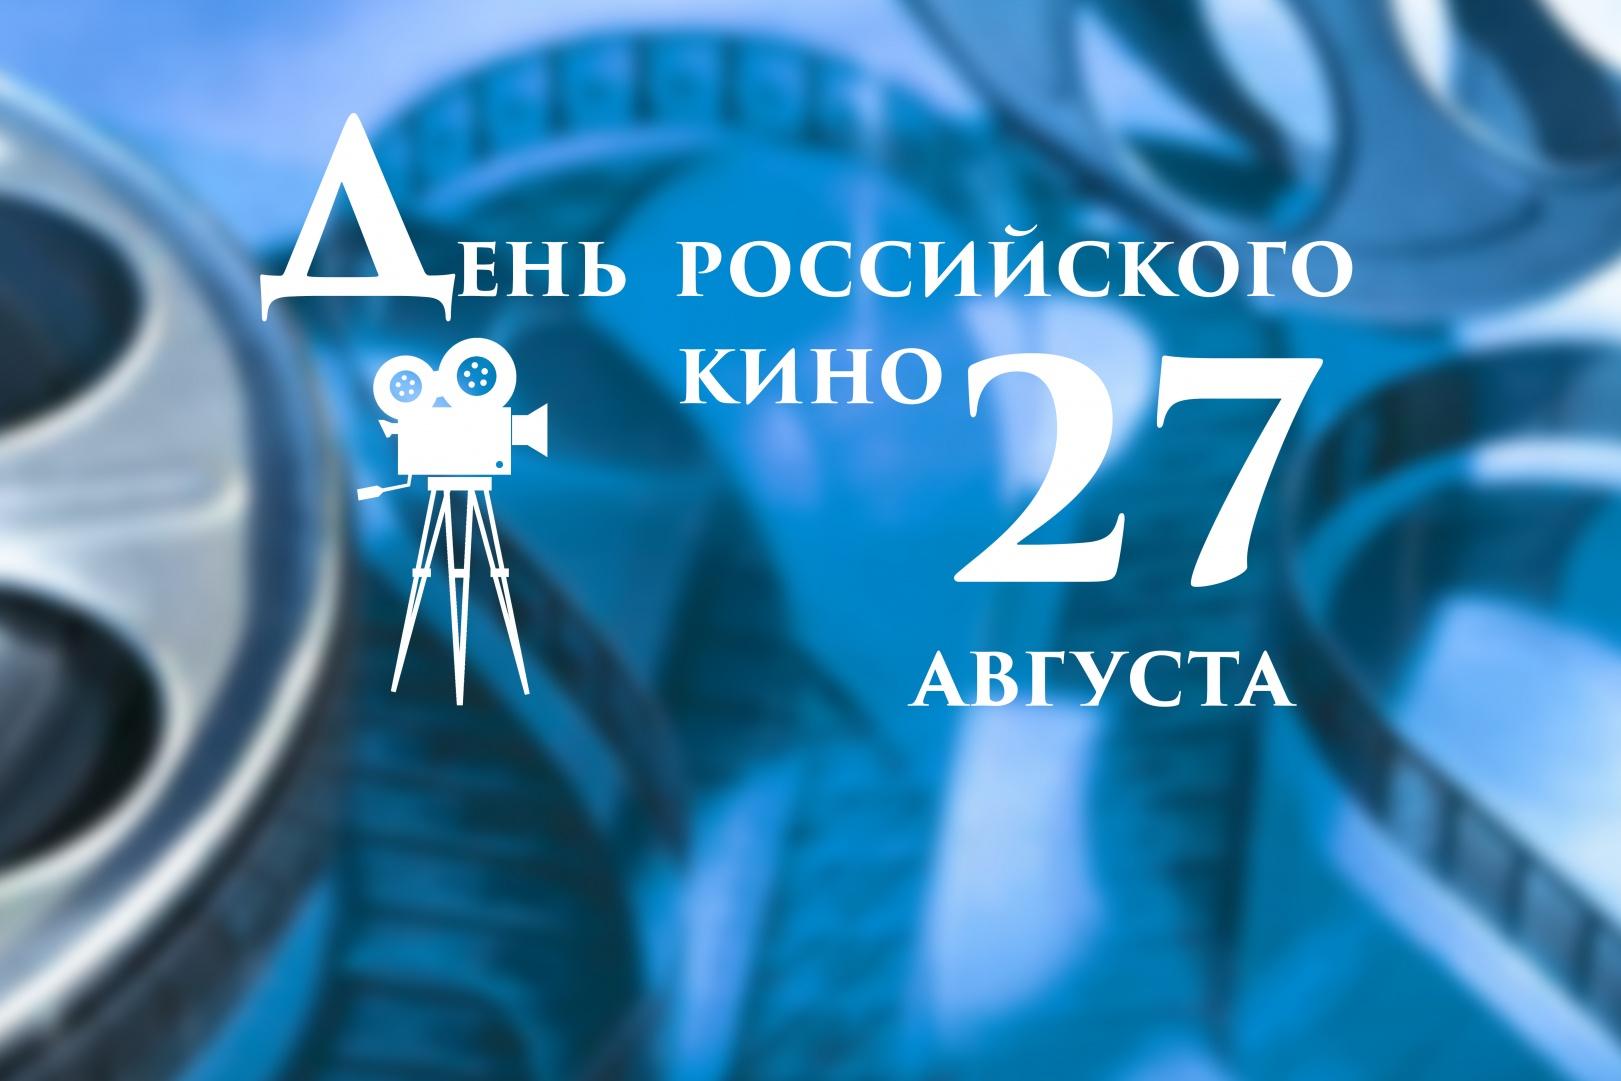 красочный открытки с днем кино 27 августа результате